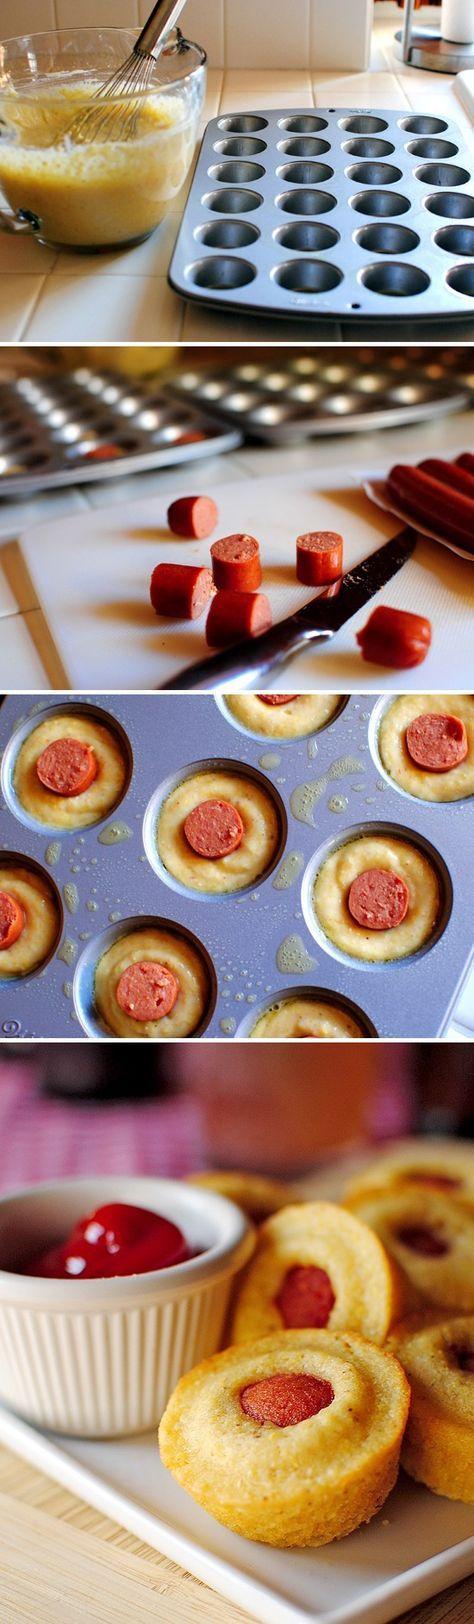 Тесто: 2 домашних яйца 100 грамм майонеза  100 грамм сметаны (чтобы не так жирно) 2 ст ложки разрыхлителя 200 грамм муки